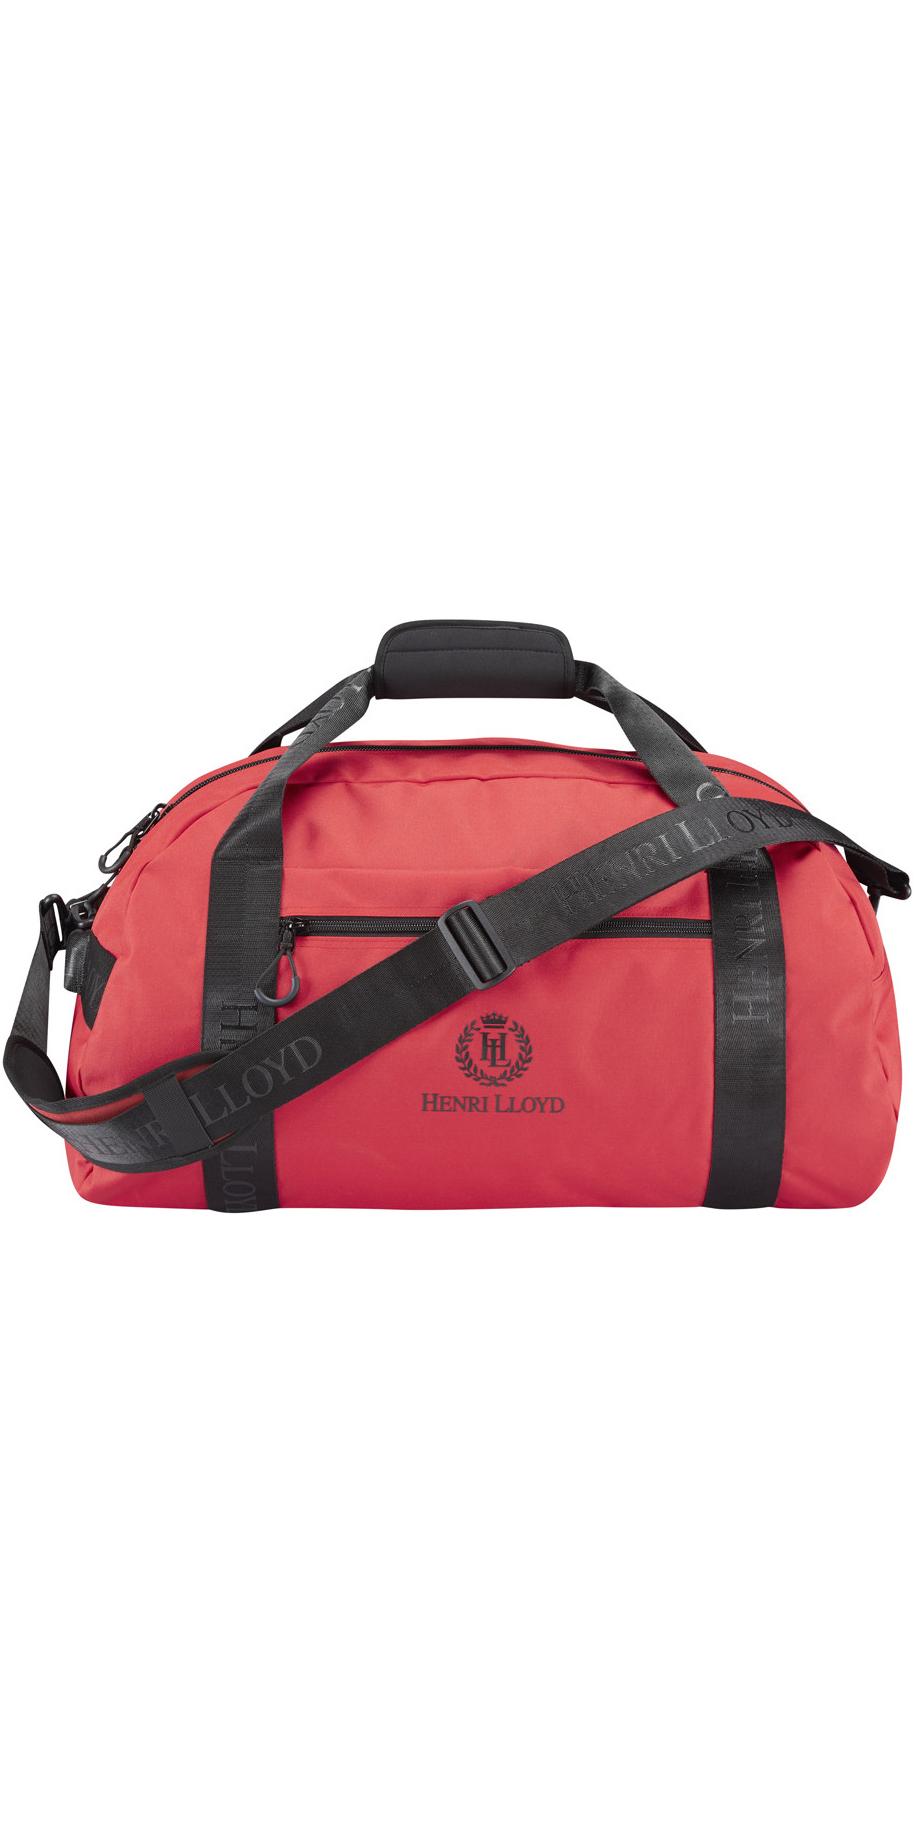 2018 Henri Lloyd Breeze 50L Packaway Holdall NEW RED Y55115